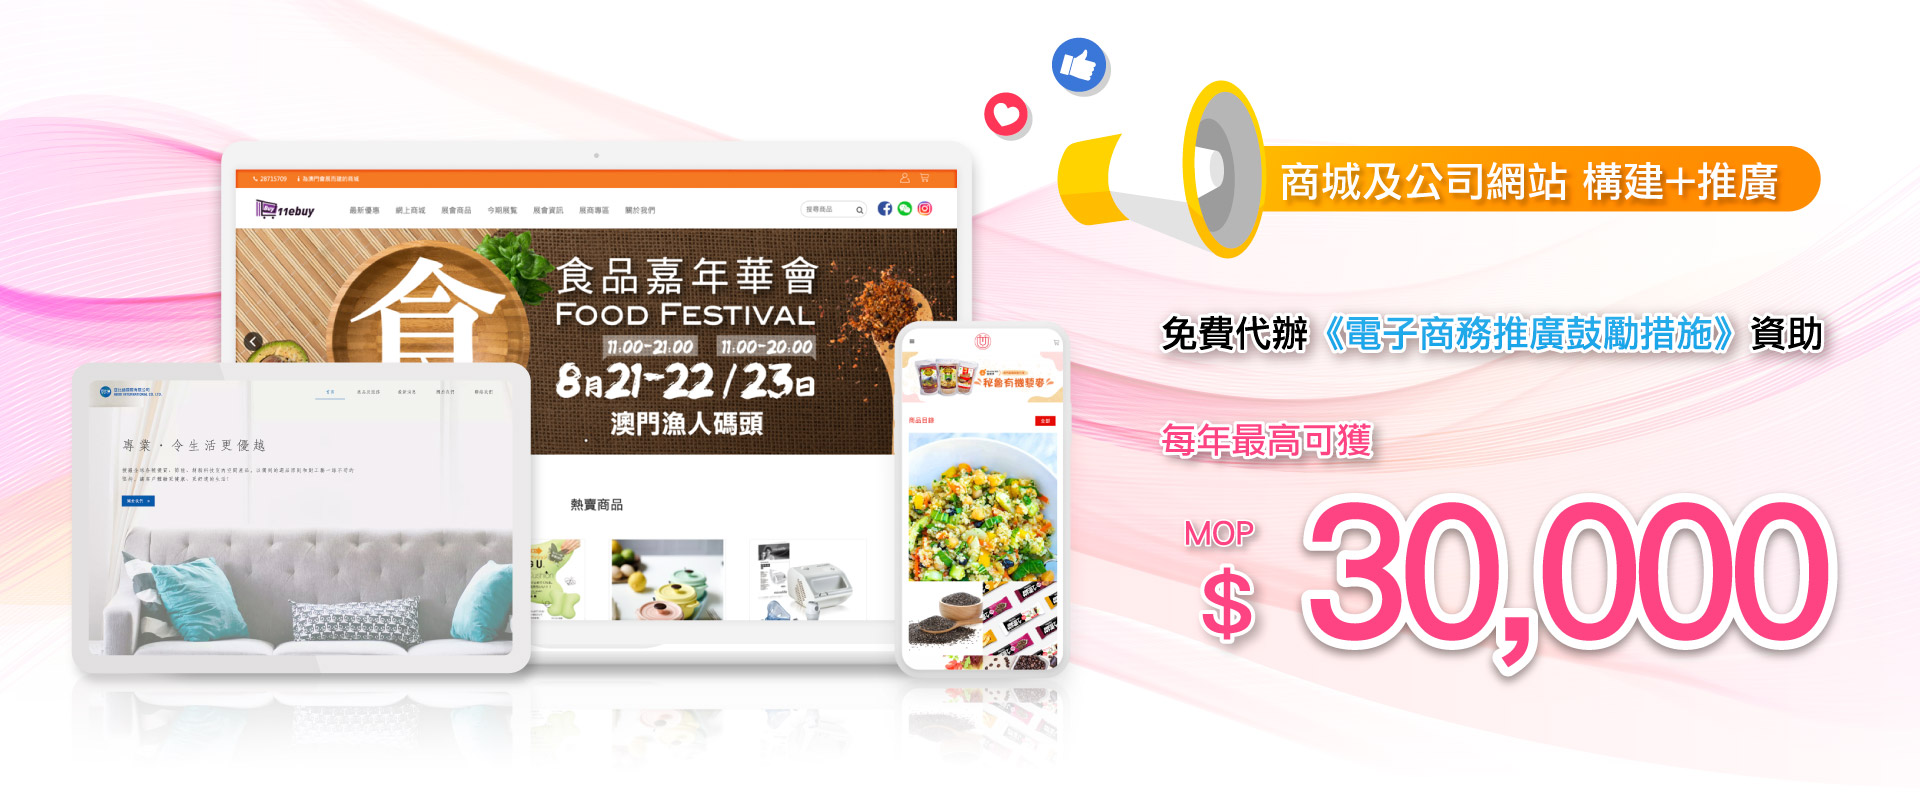 IPIM_電子商務推廣資助_澳門黃頁